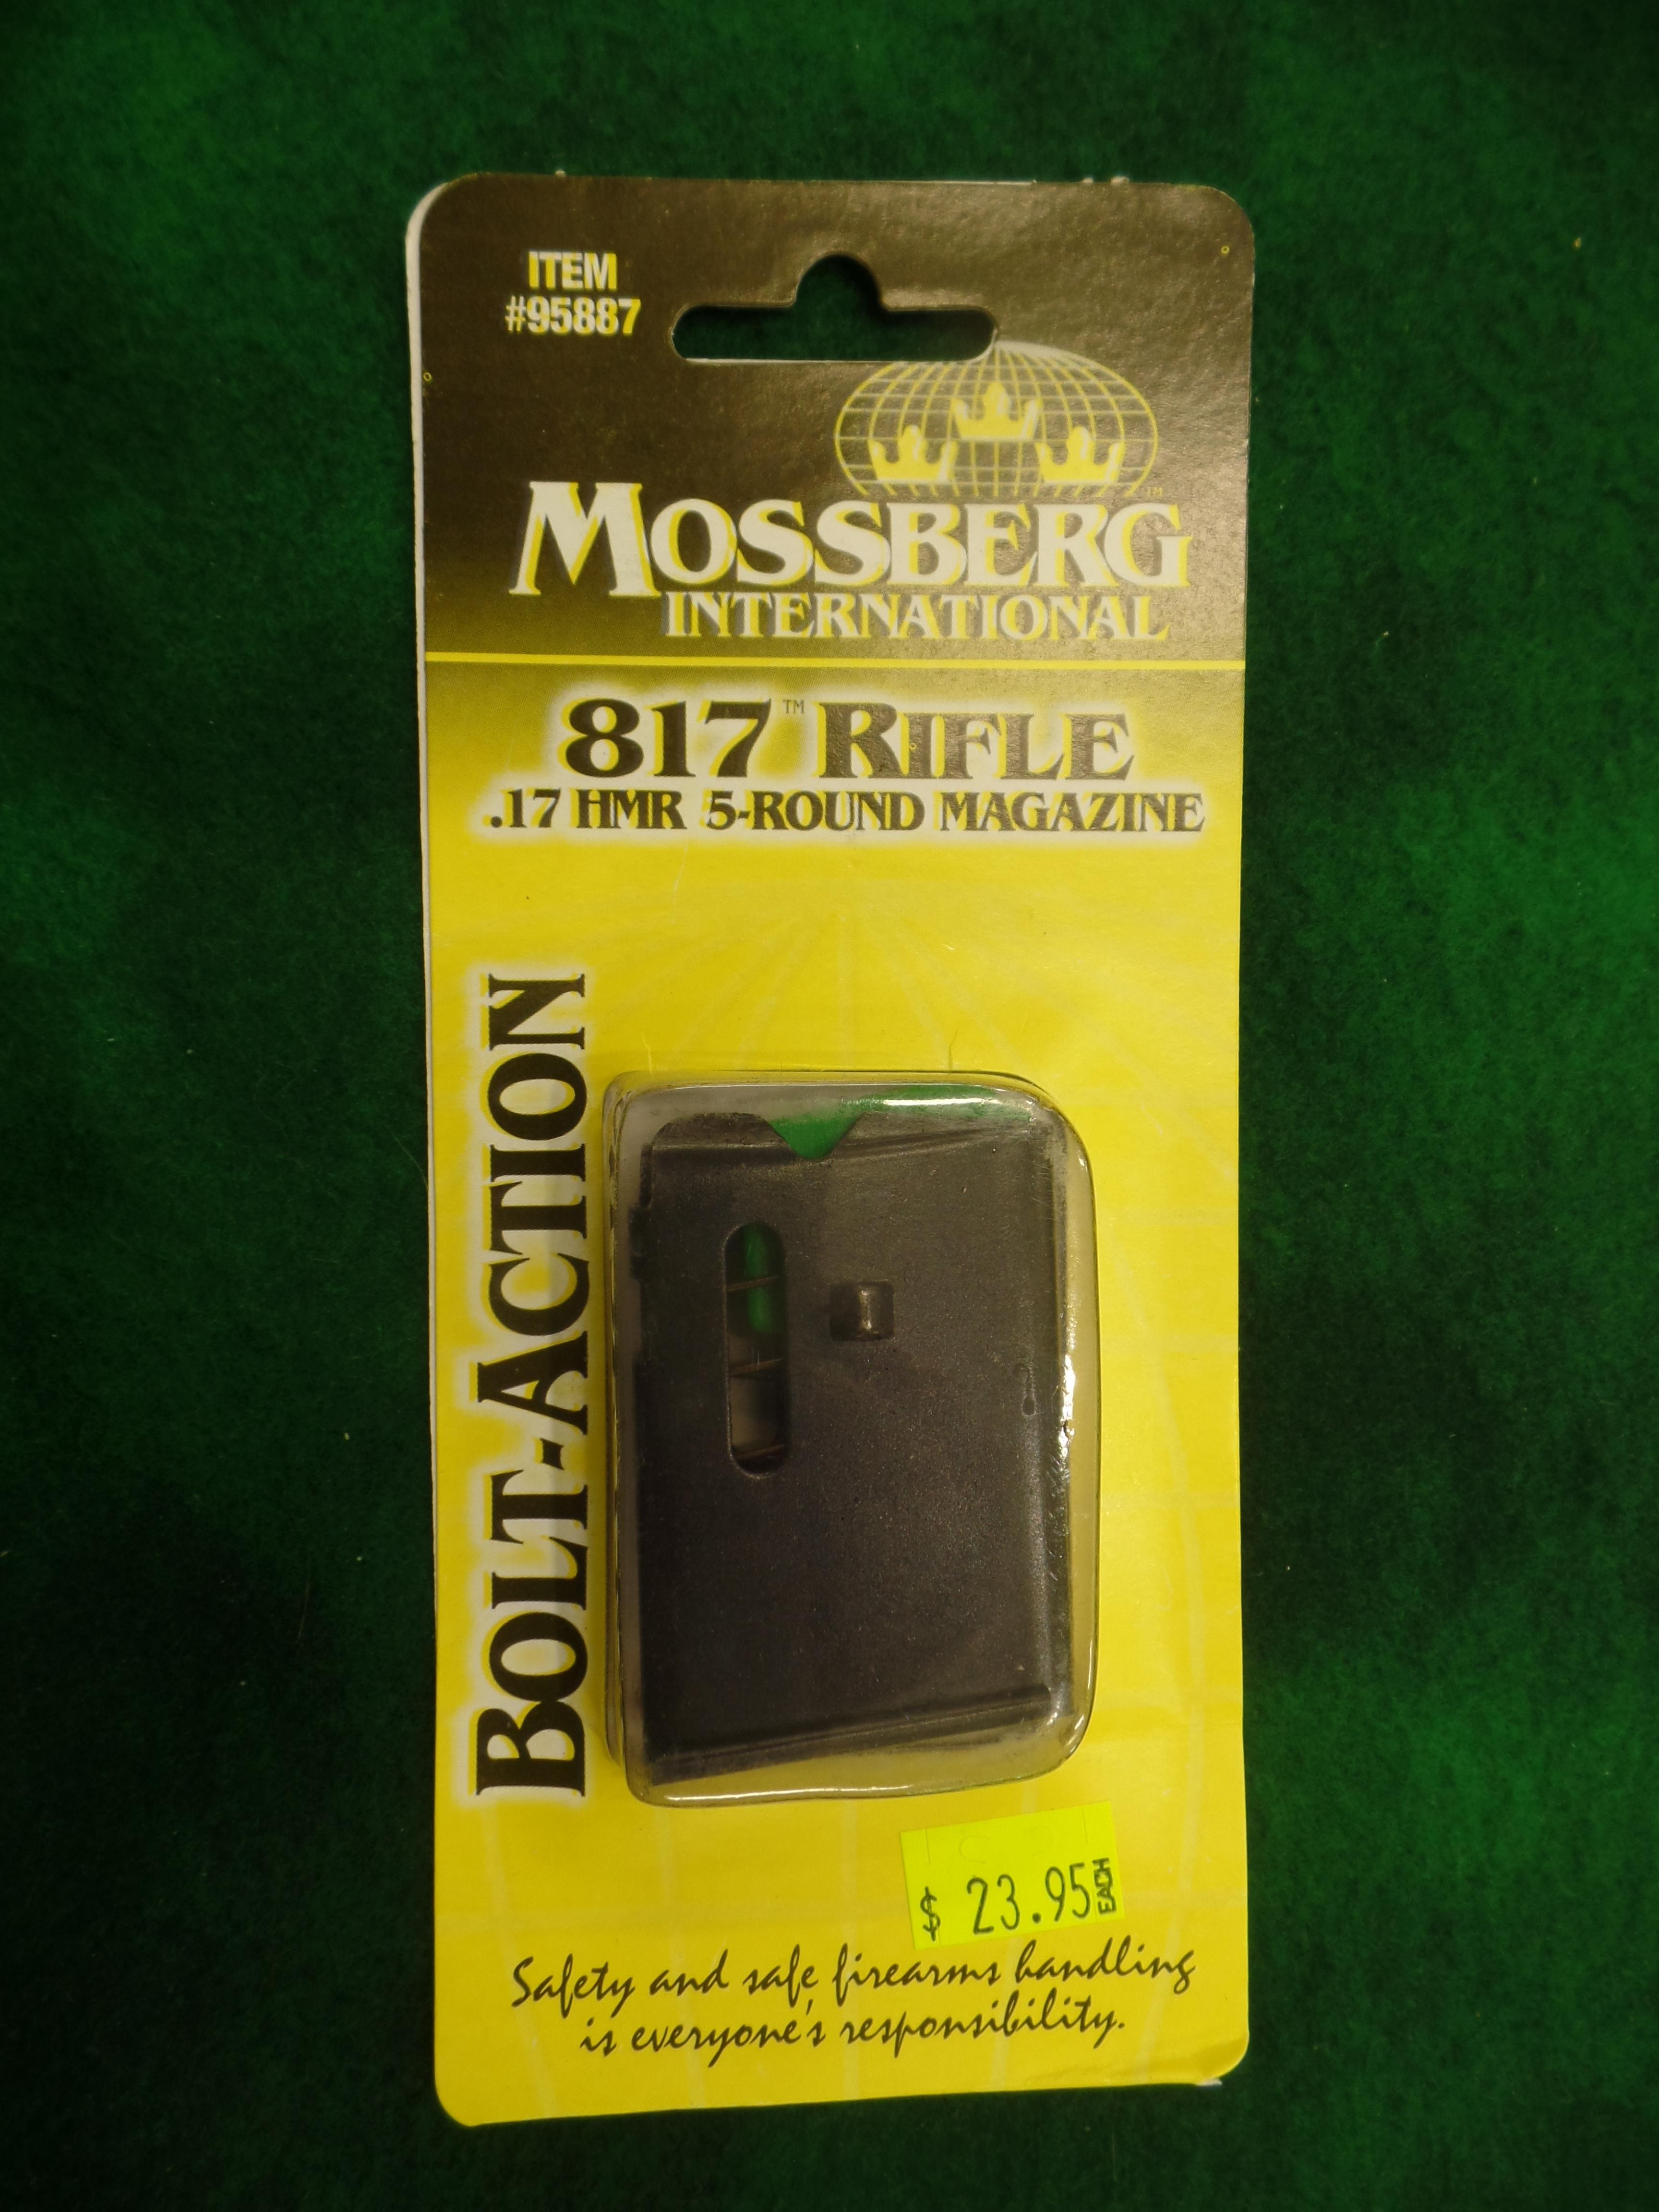 New Mossberg 817 5 Round Magazine -img-0